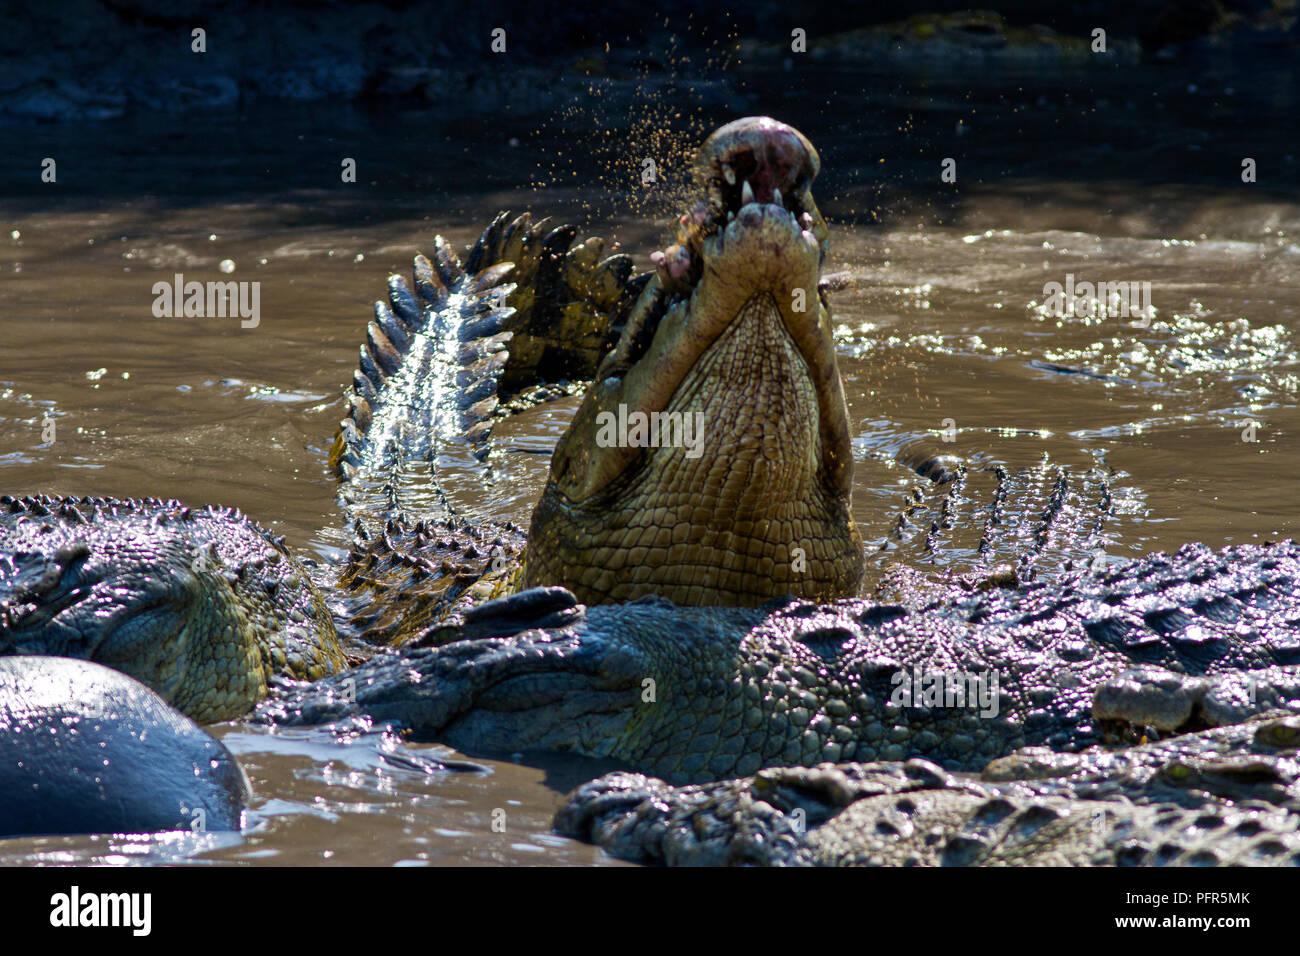 Gros crocodiles fête à partir de la demeure d'un hippopotame. Chaque grand crocodile avale des morceaux de viande, massive et cacher leurs super os qui l'efficacité Photo Stock